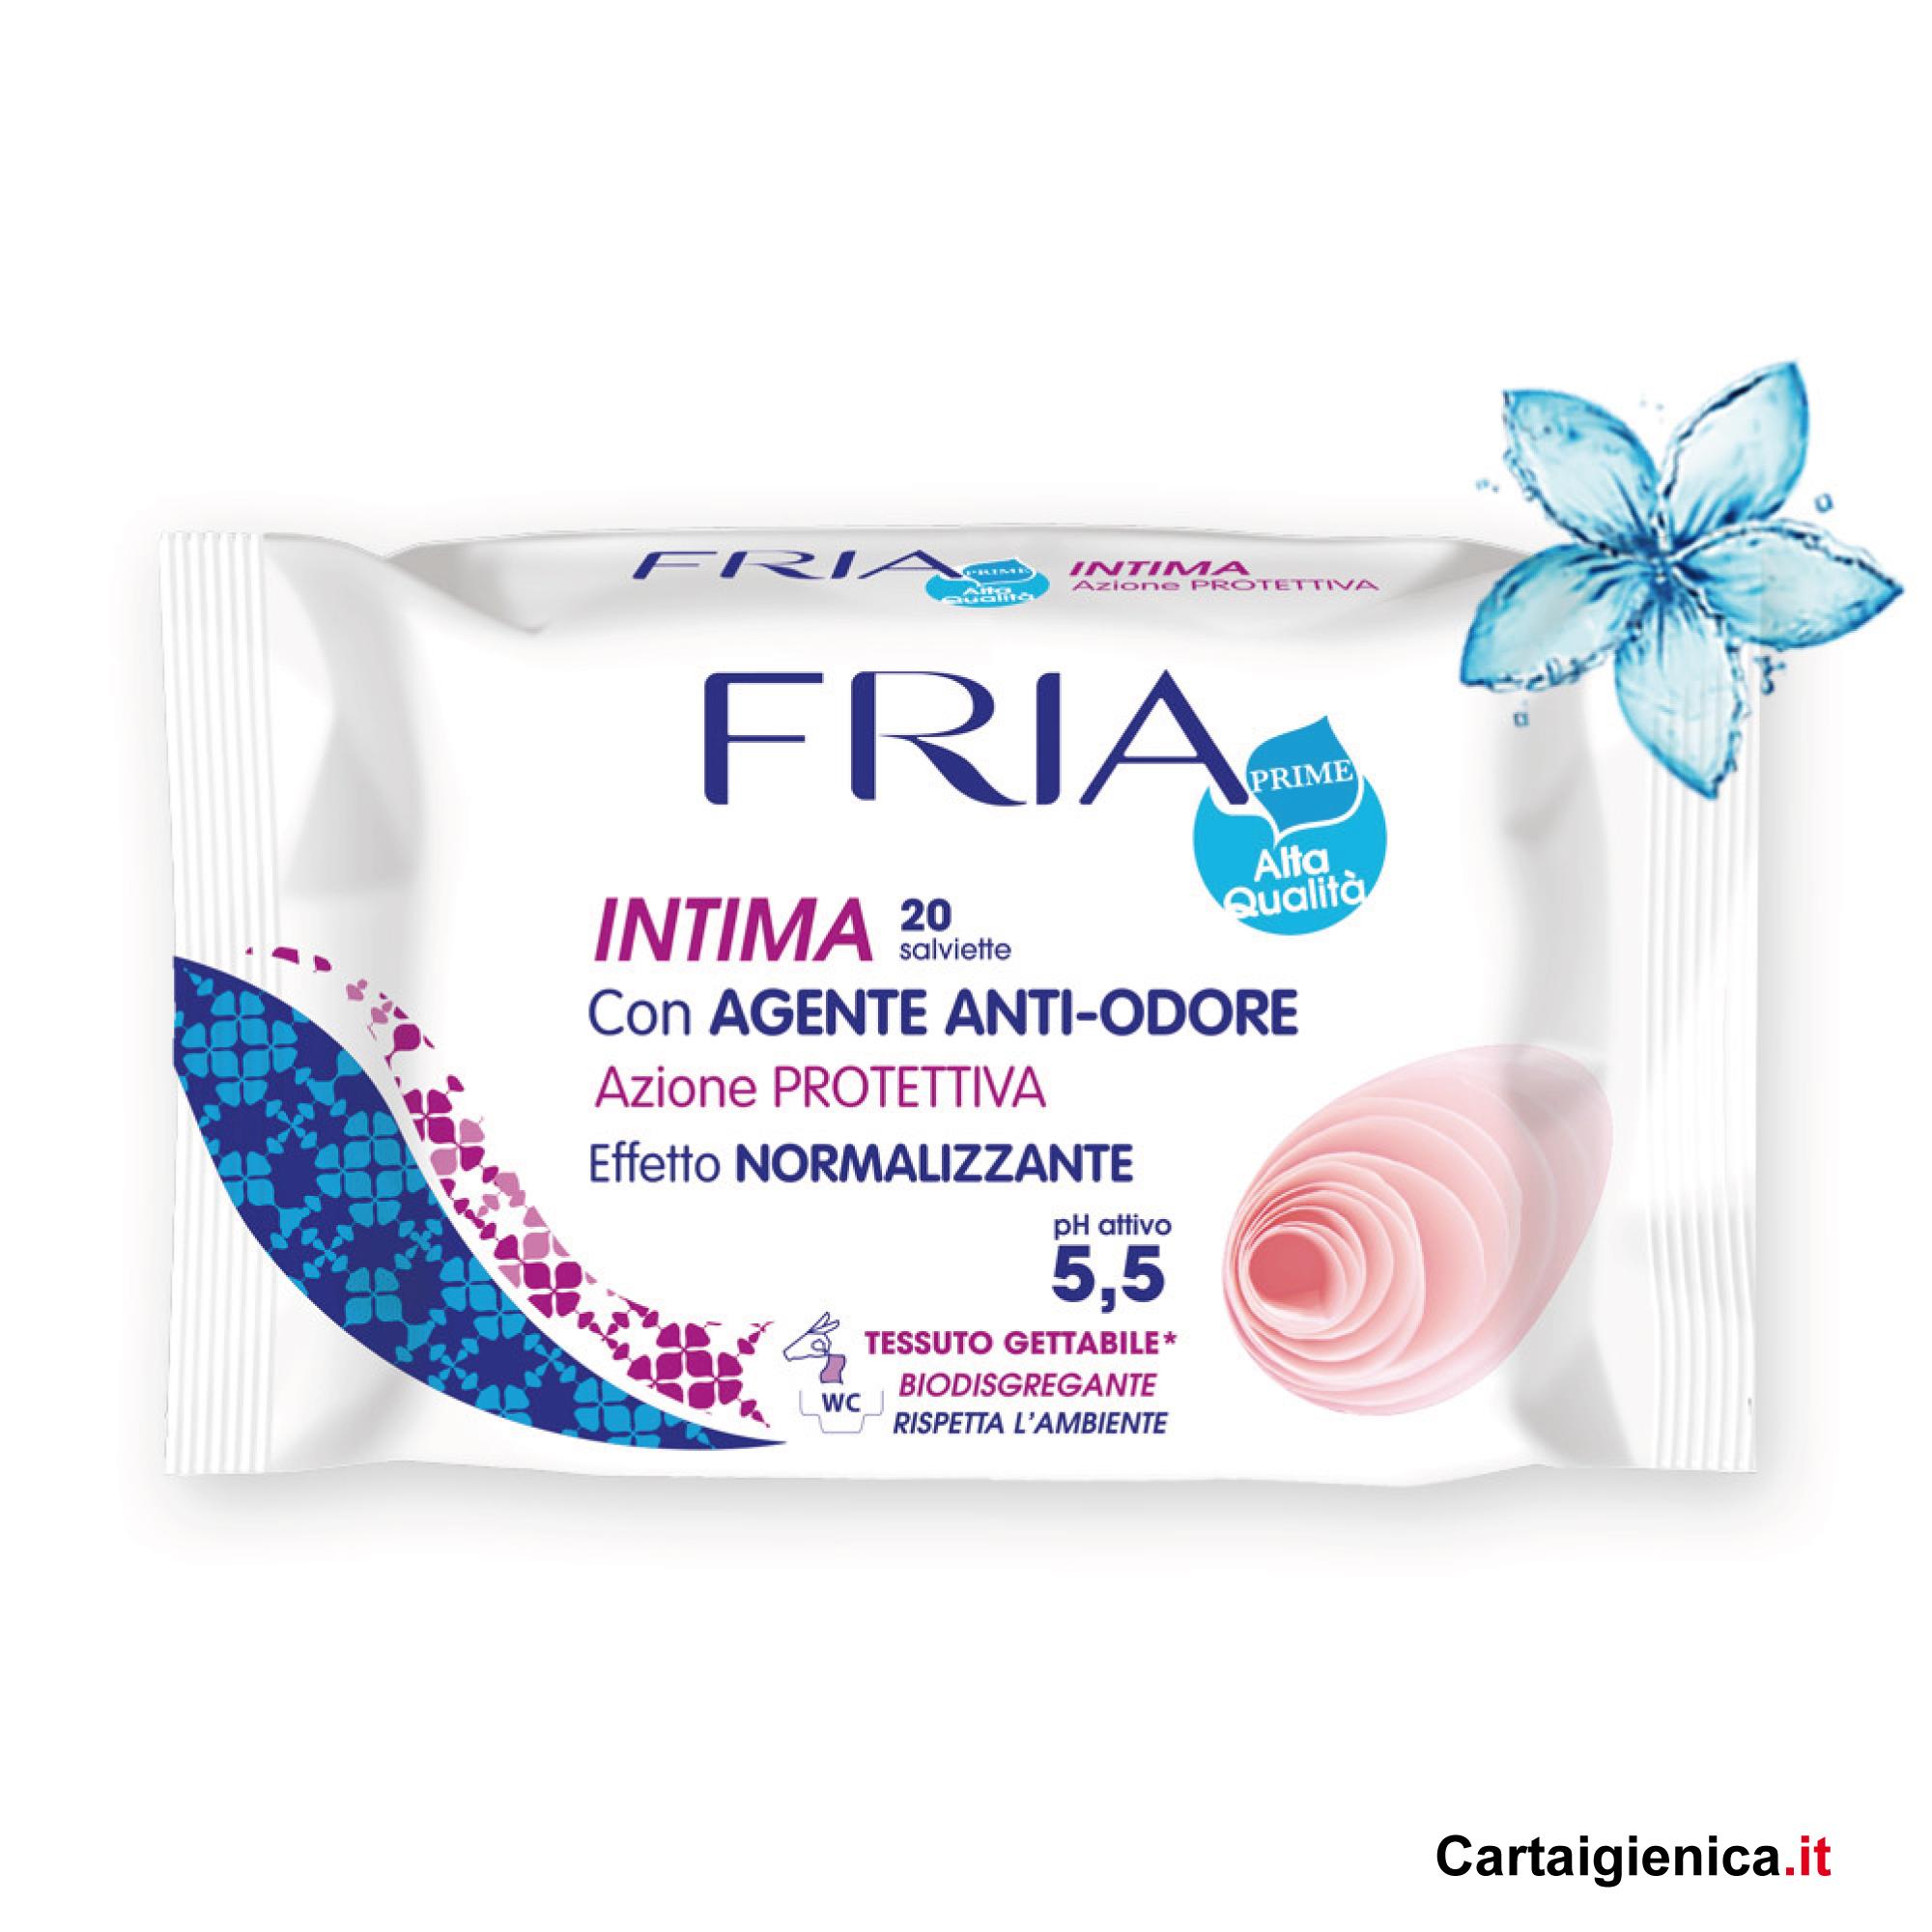 fria salviette anti odore con azione protettiva